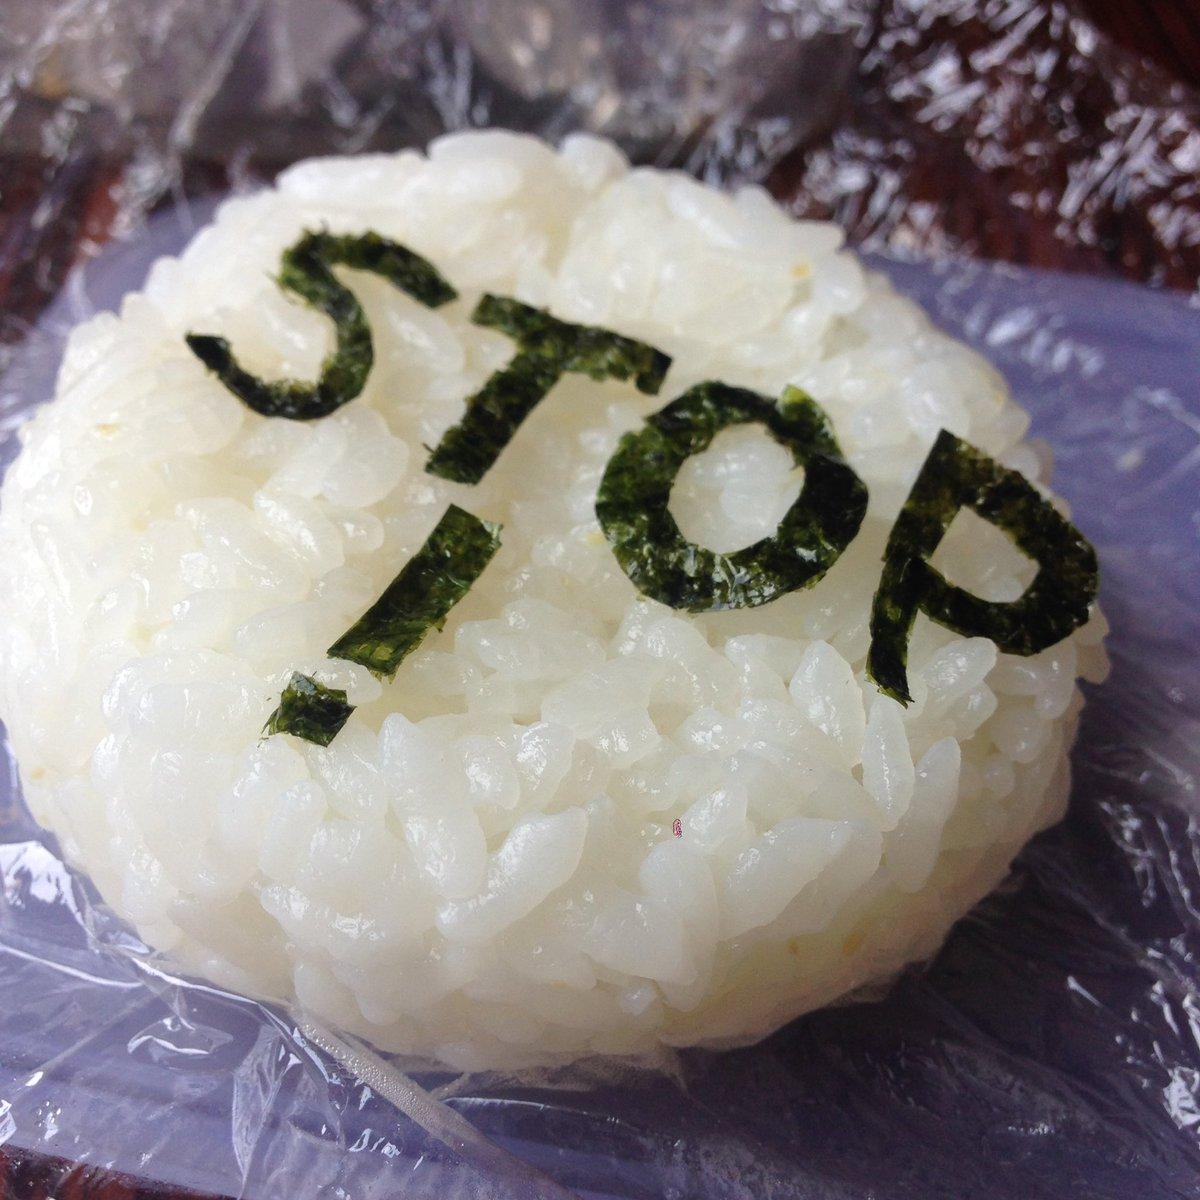 また、忘れてた!#SMAP25YEARS #Onigiriちょっと止まることにしよう